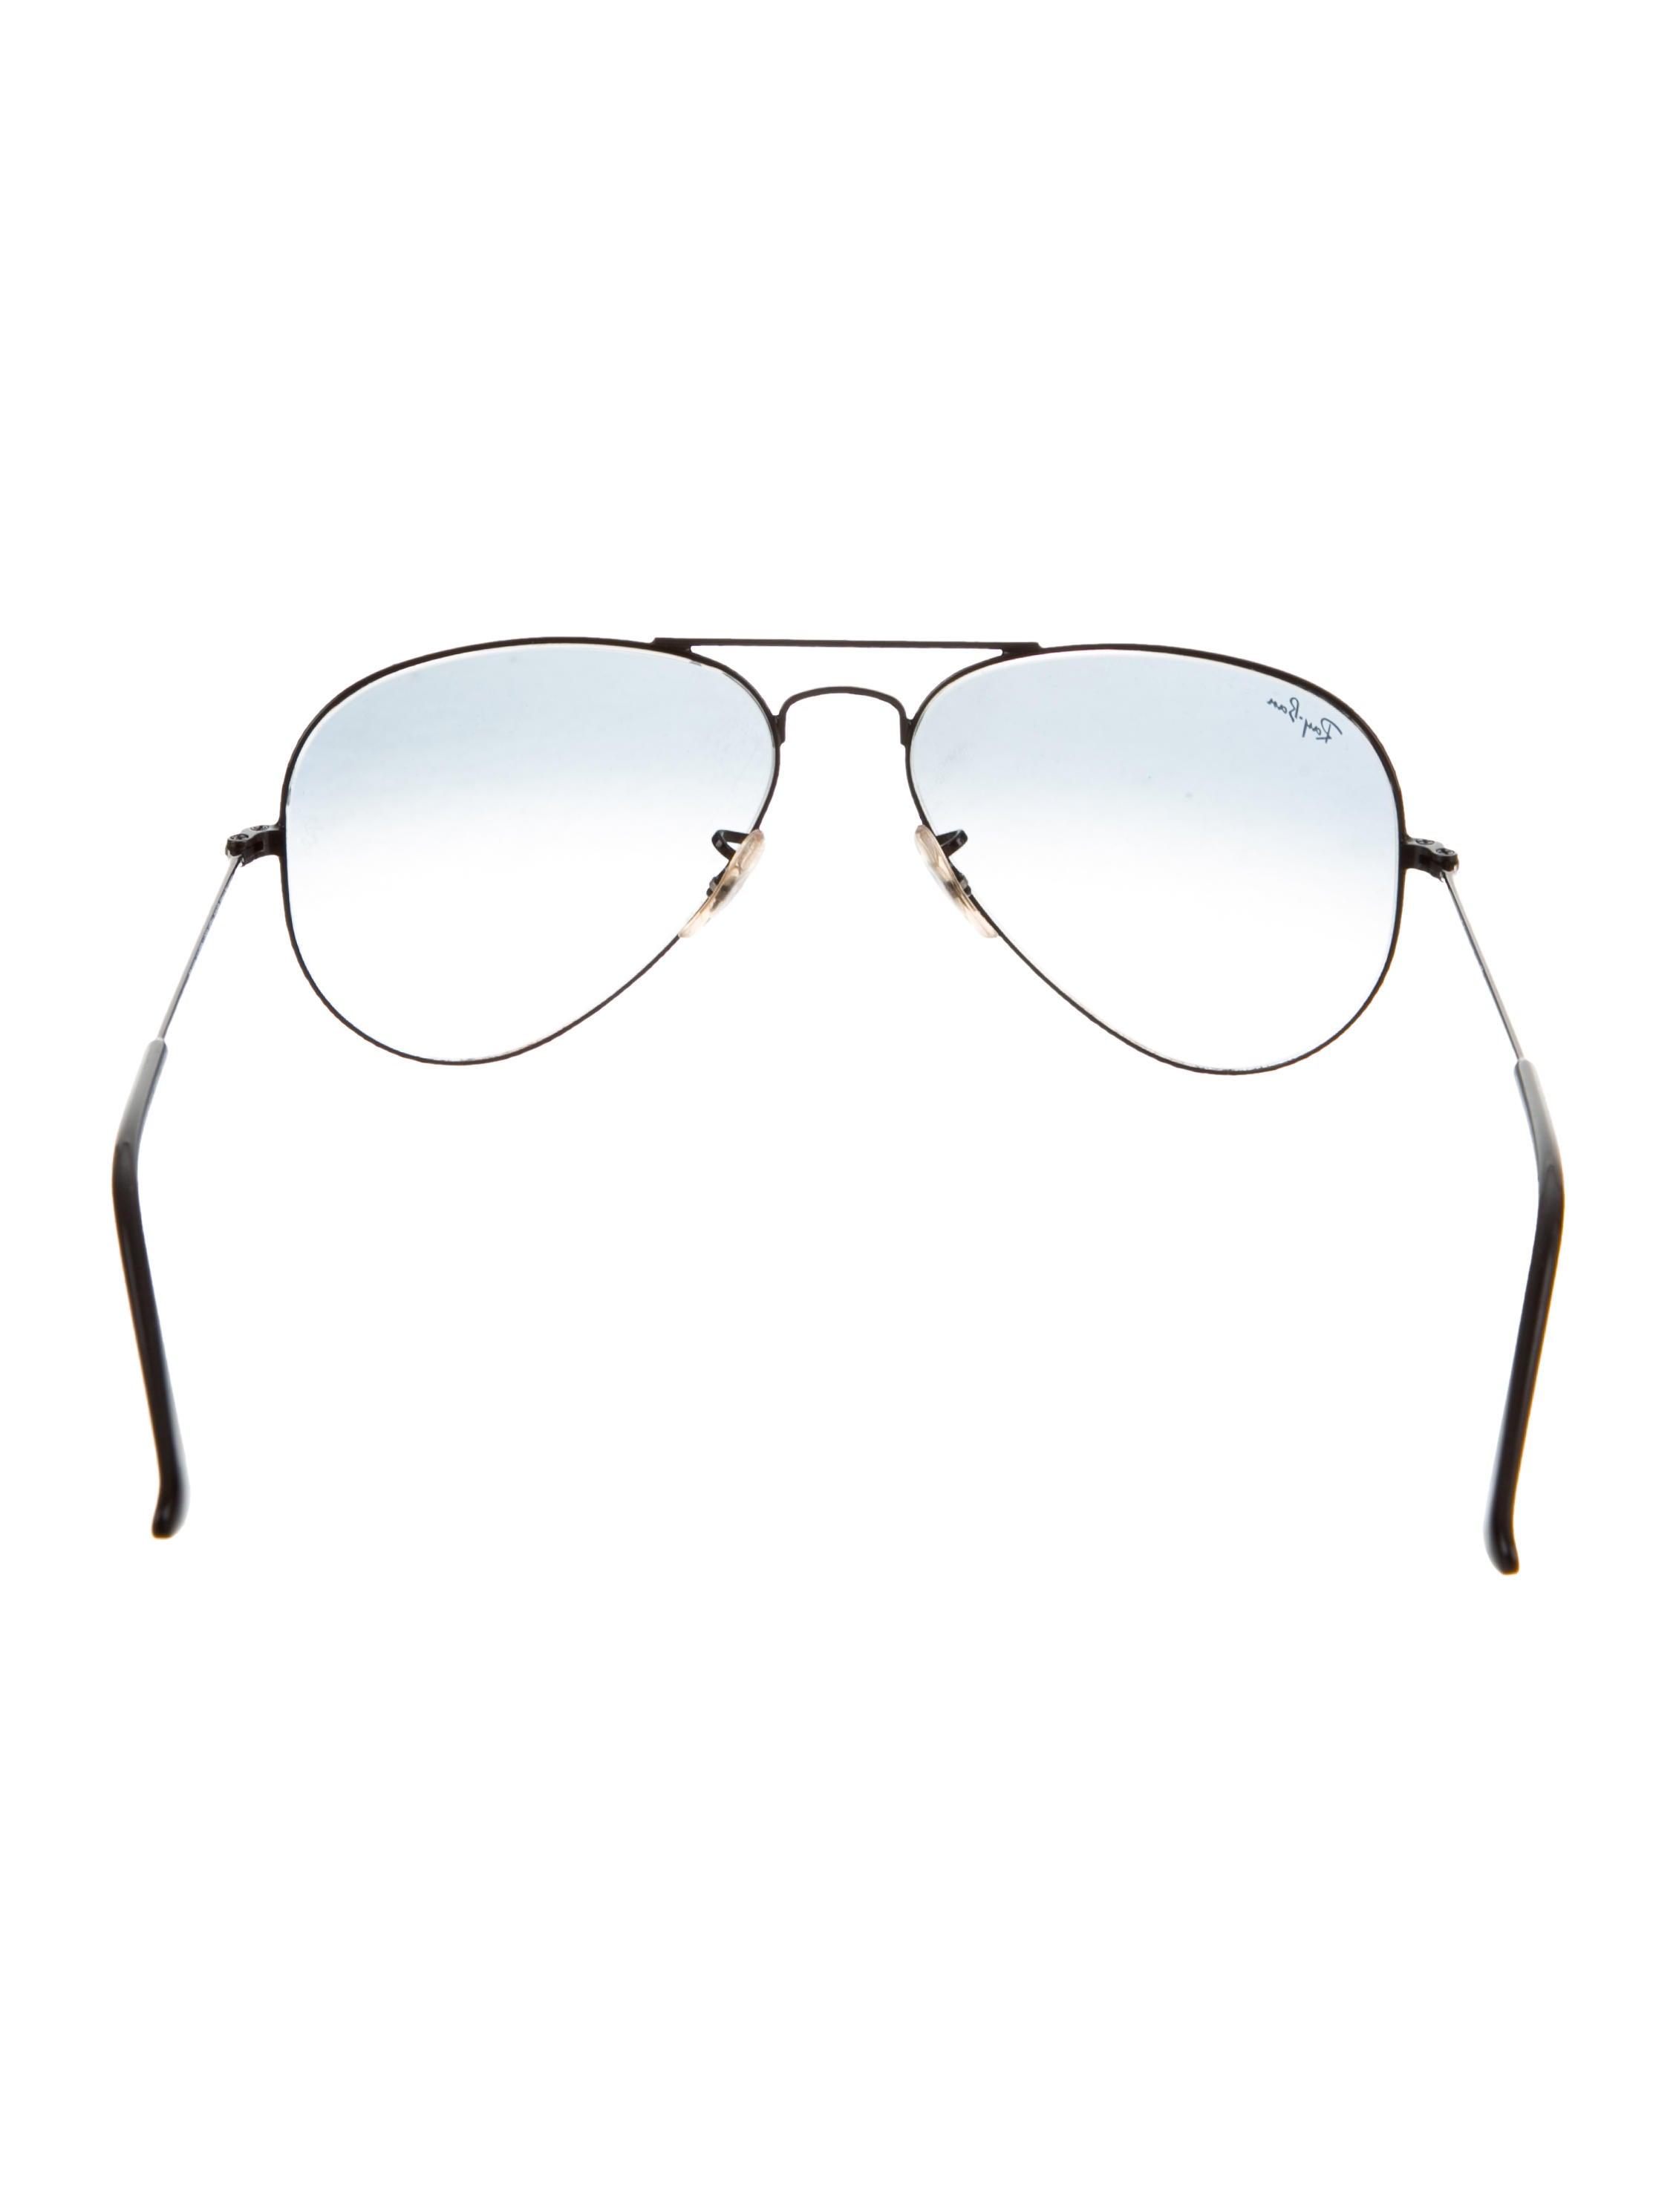 ray ban polarized aviator sunglasses accessories wrx27949 the Ray-Ban Aviator Sunglasses for Women polarized aviator sunglasses